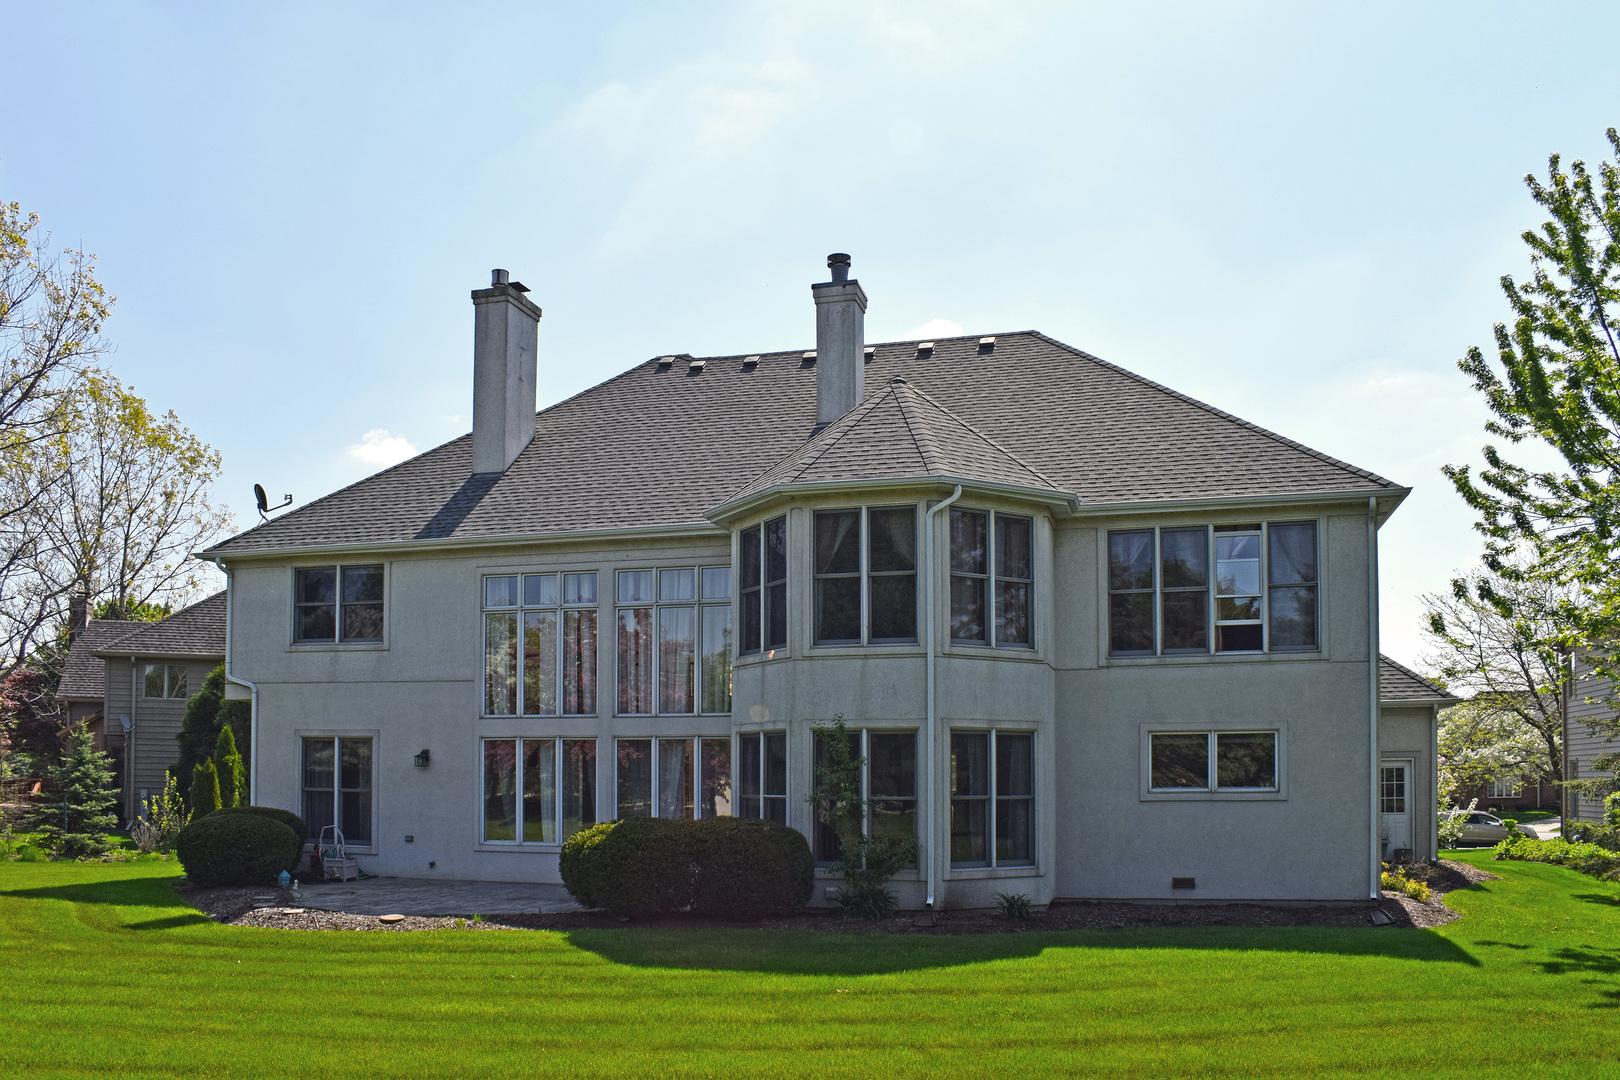 1152 Flanders, AURORA, Illinois, 60502